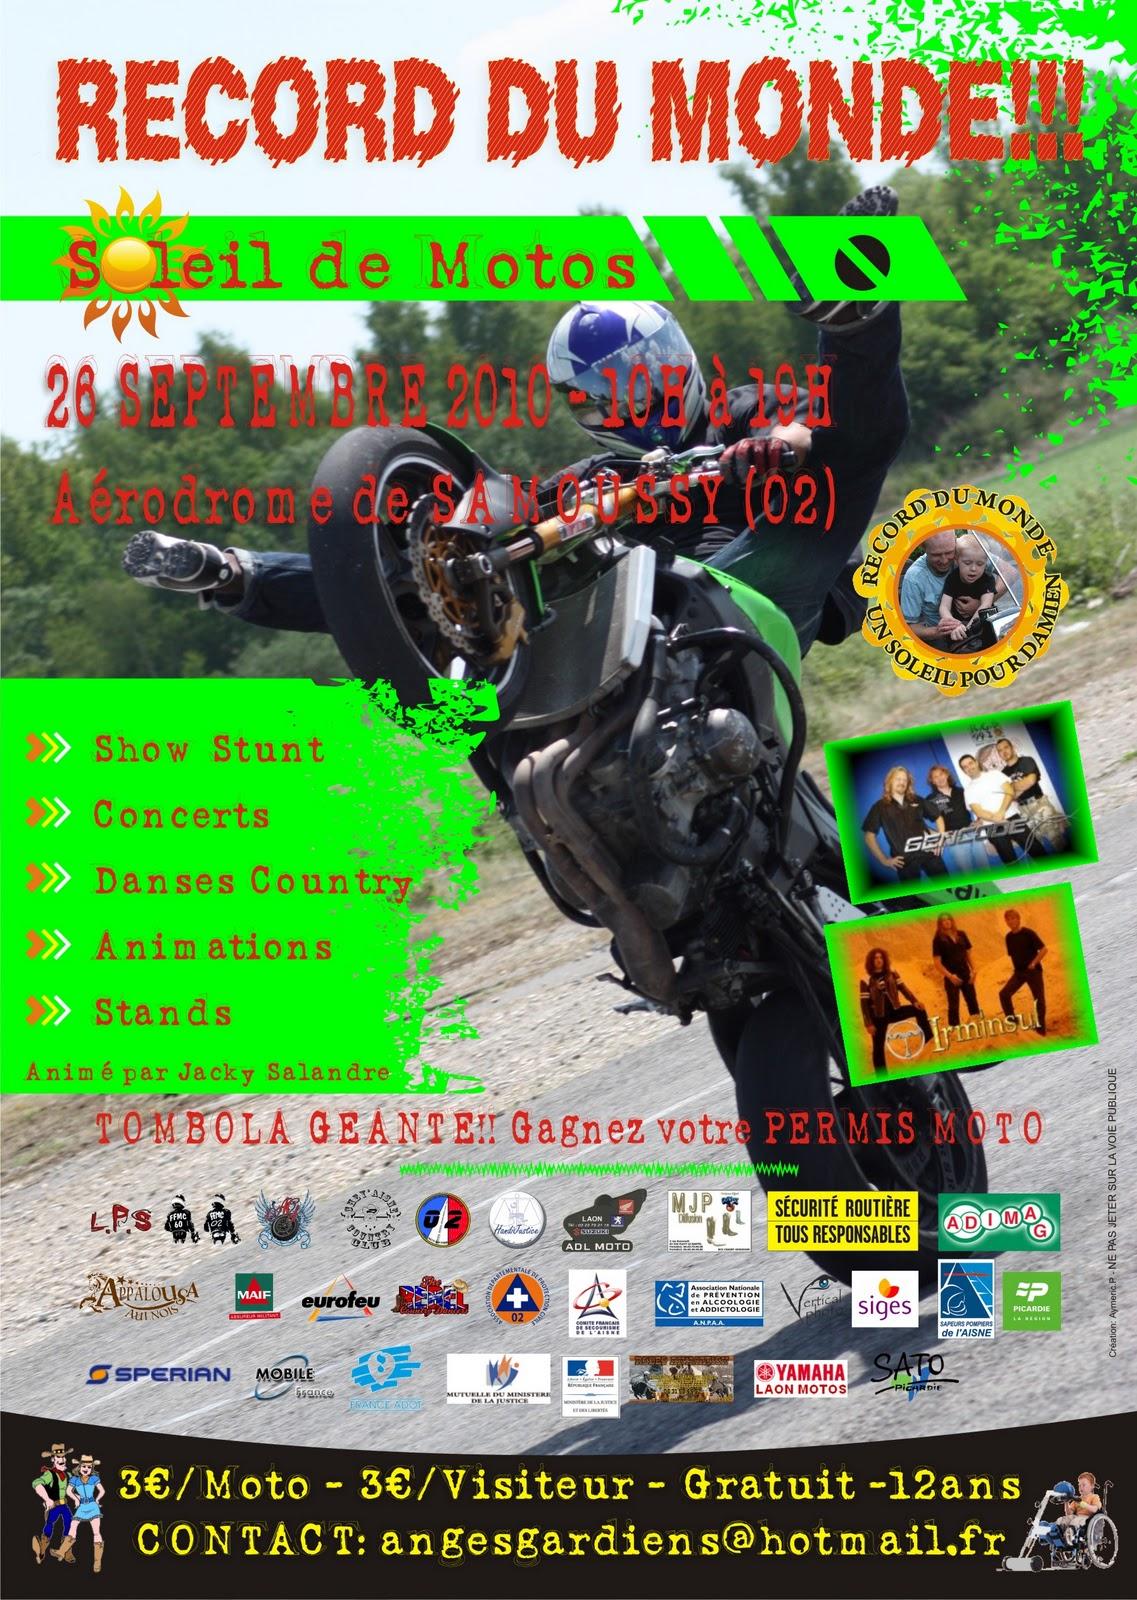 AfficheOfficielleRecordDuMonde_FlyersA5+.jpg